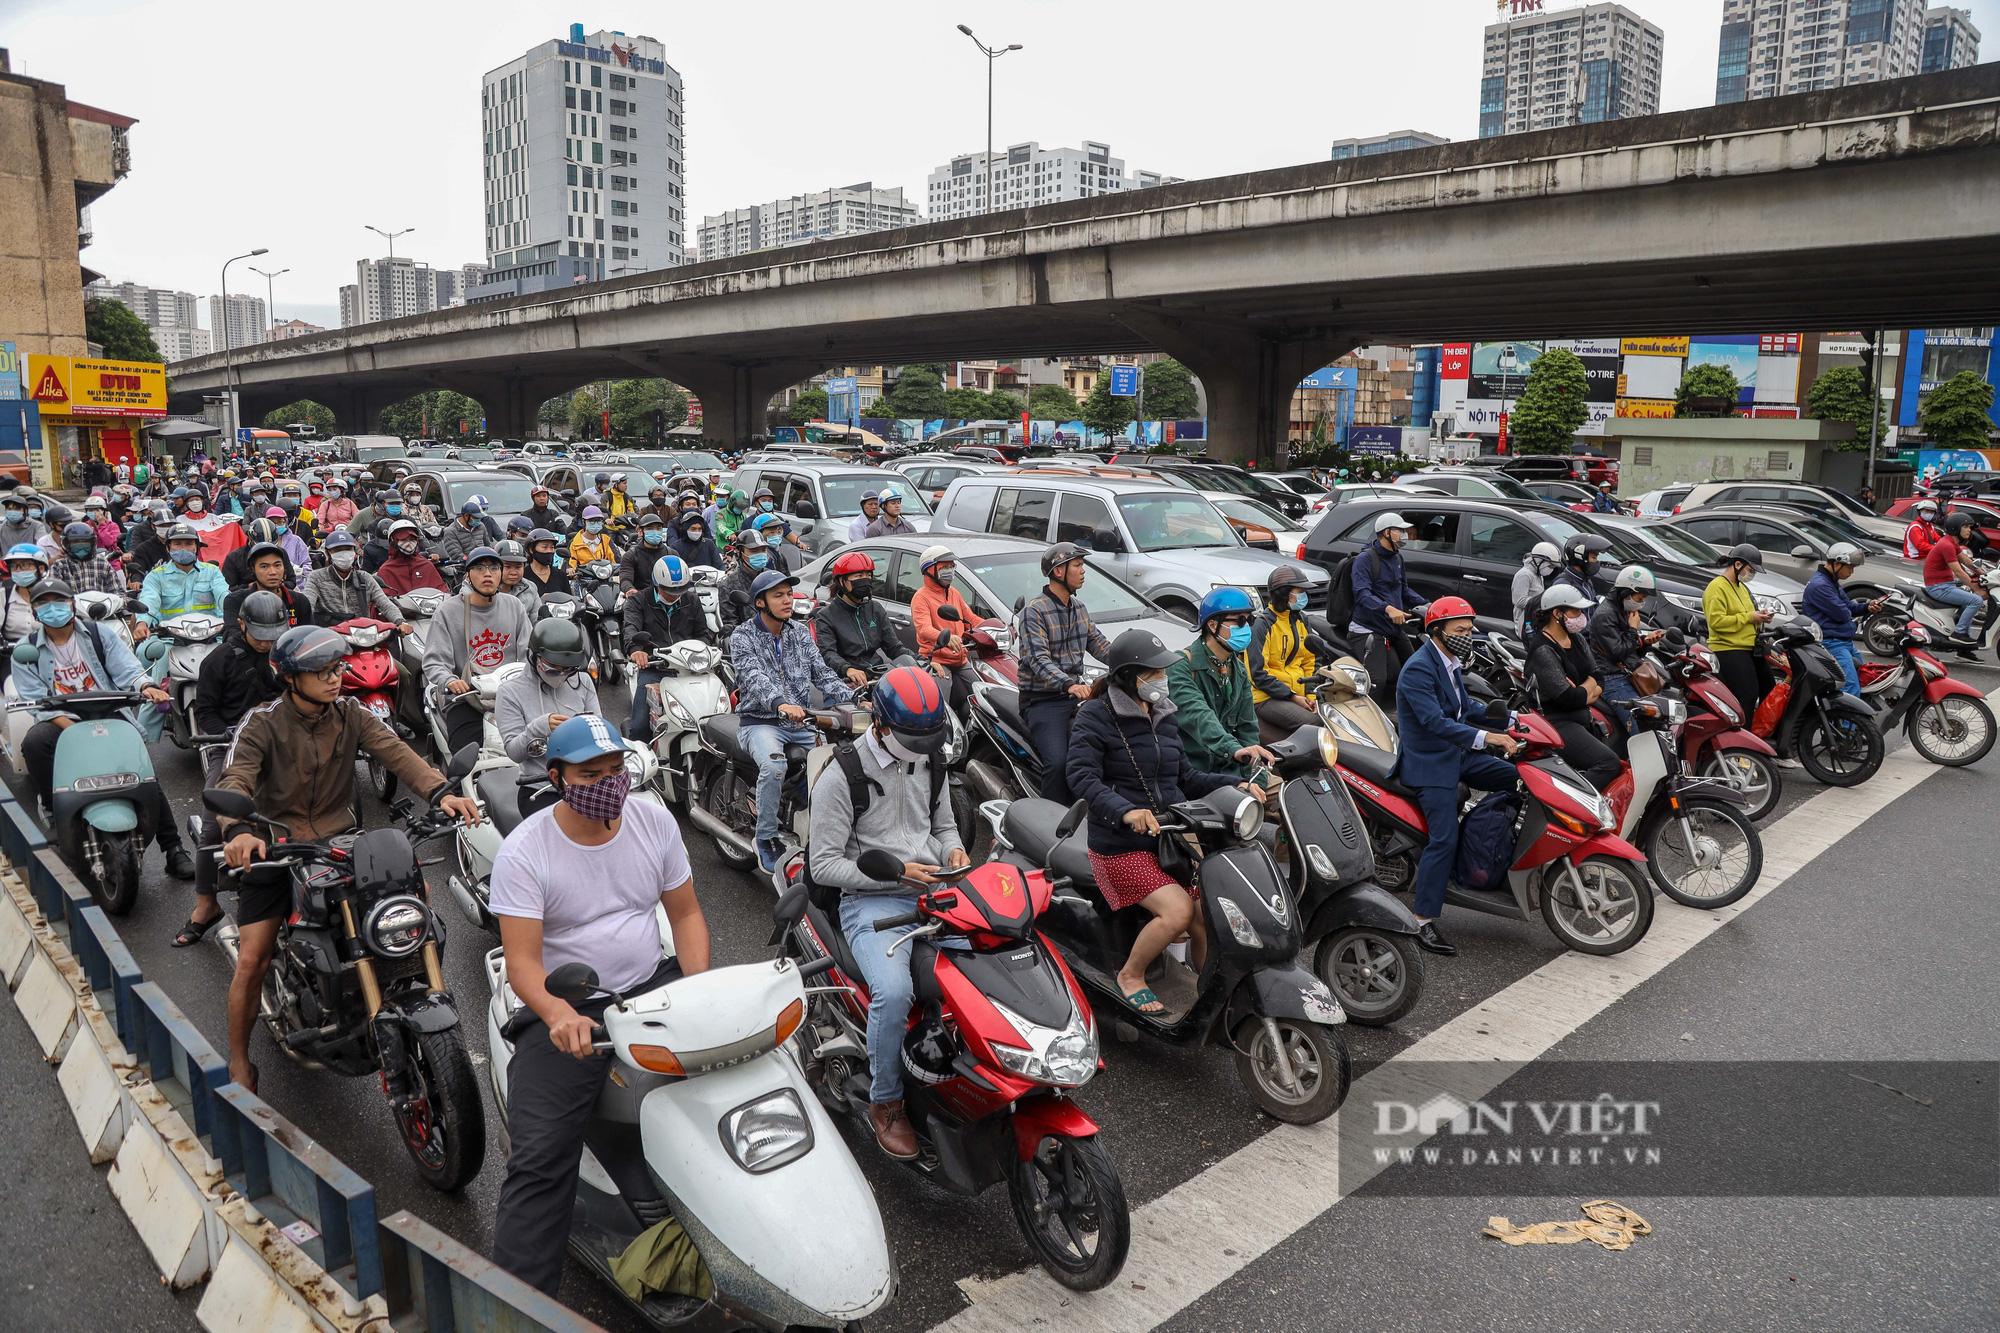 Tắc đường kinh hoàng trên địa bàn nhiều quận ở Hà Nội - Ảnh 5.